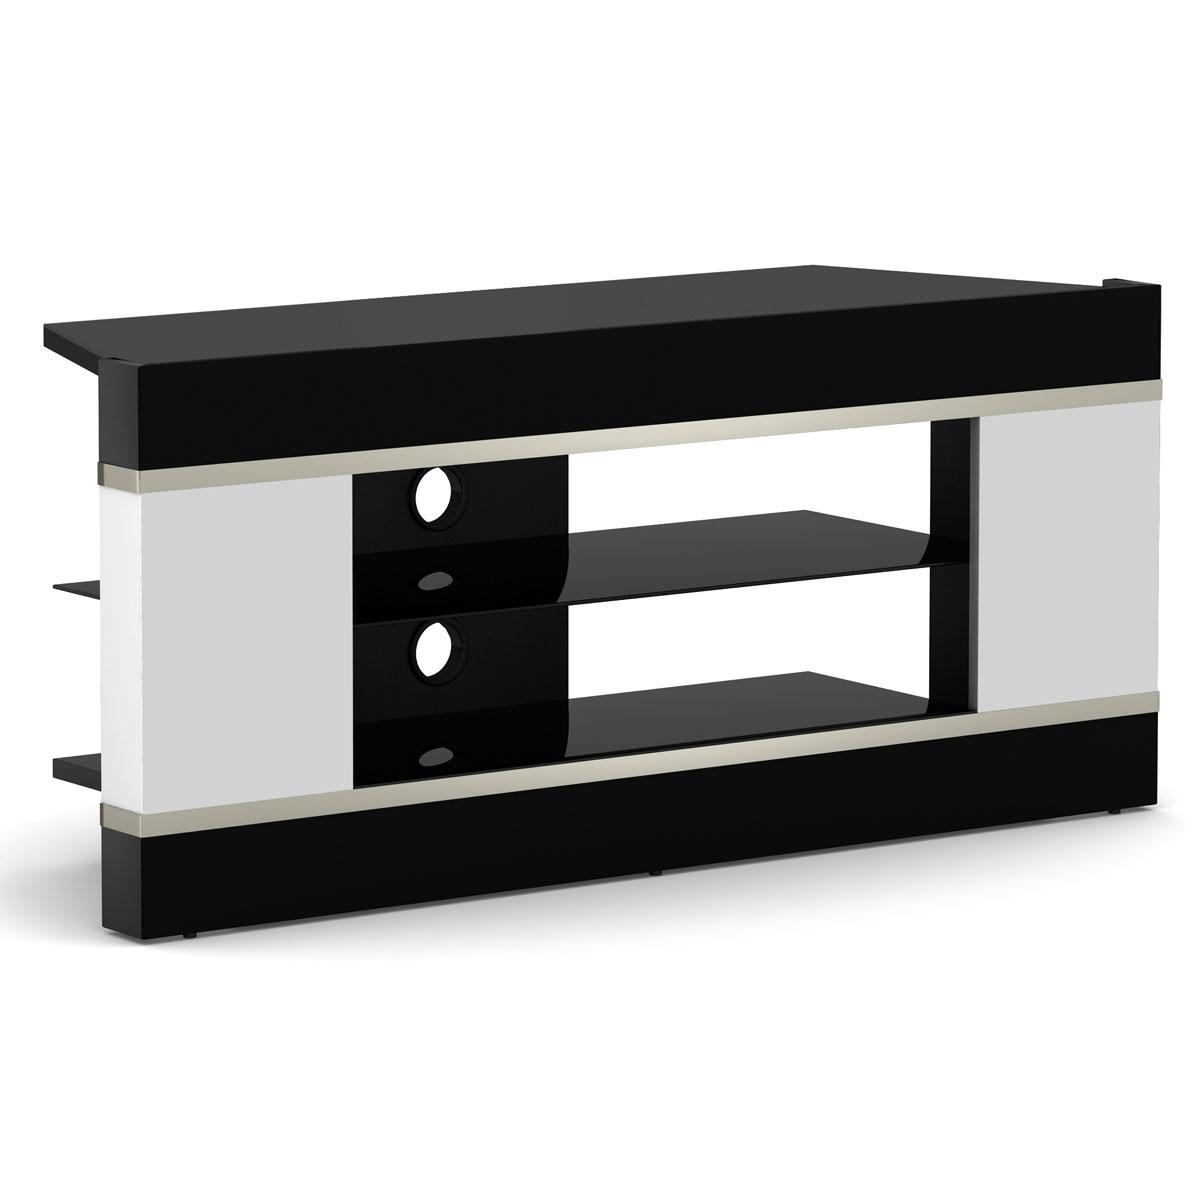 Elmob linos li 110 01 blanc meuble tv elmob sur ldlc for Meuble mural videoprojecteur